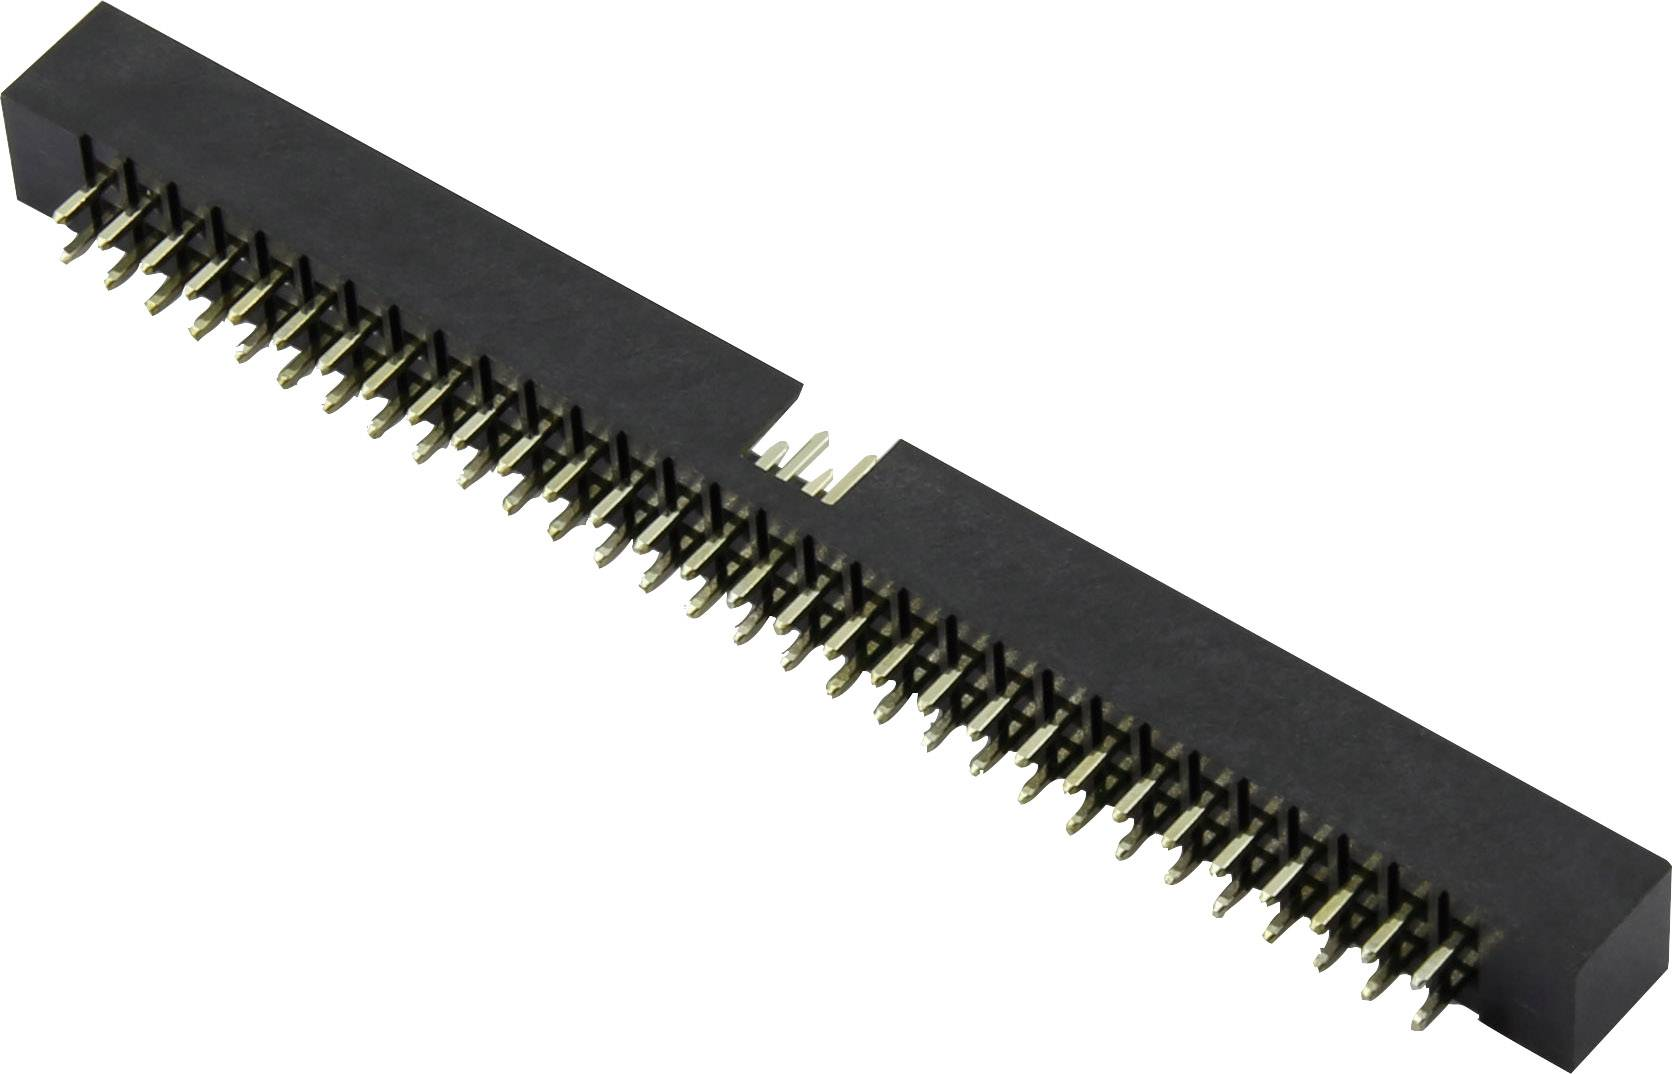 Konektor pro ploché kabely Connfly DS1014-20RF1B, rastr (rozteč): 2 mm, počet pólů: 20, 1 ks